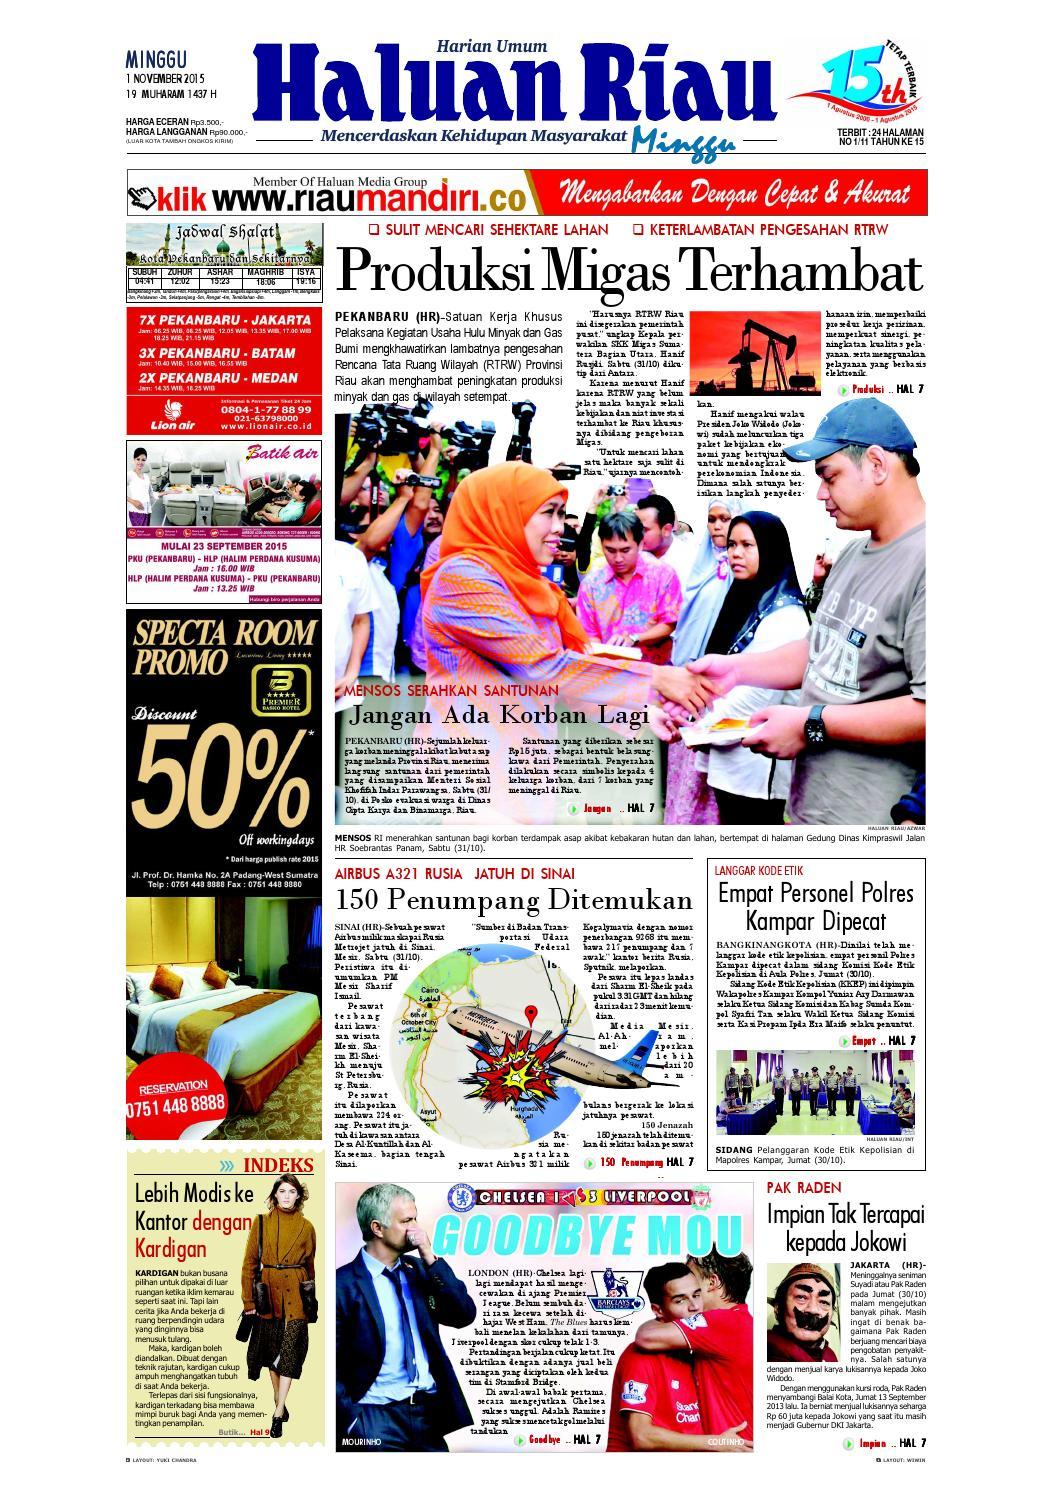 Haluanriau 2015 11 01 By Haluan Riau Issuu